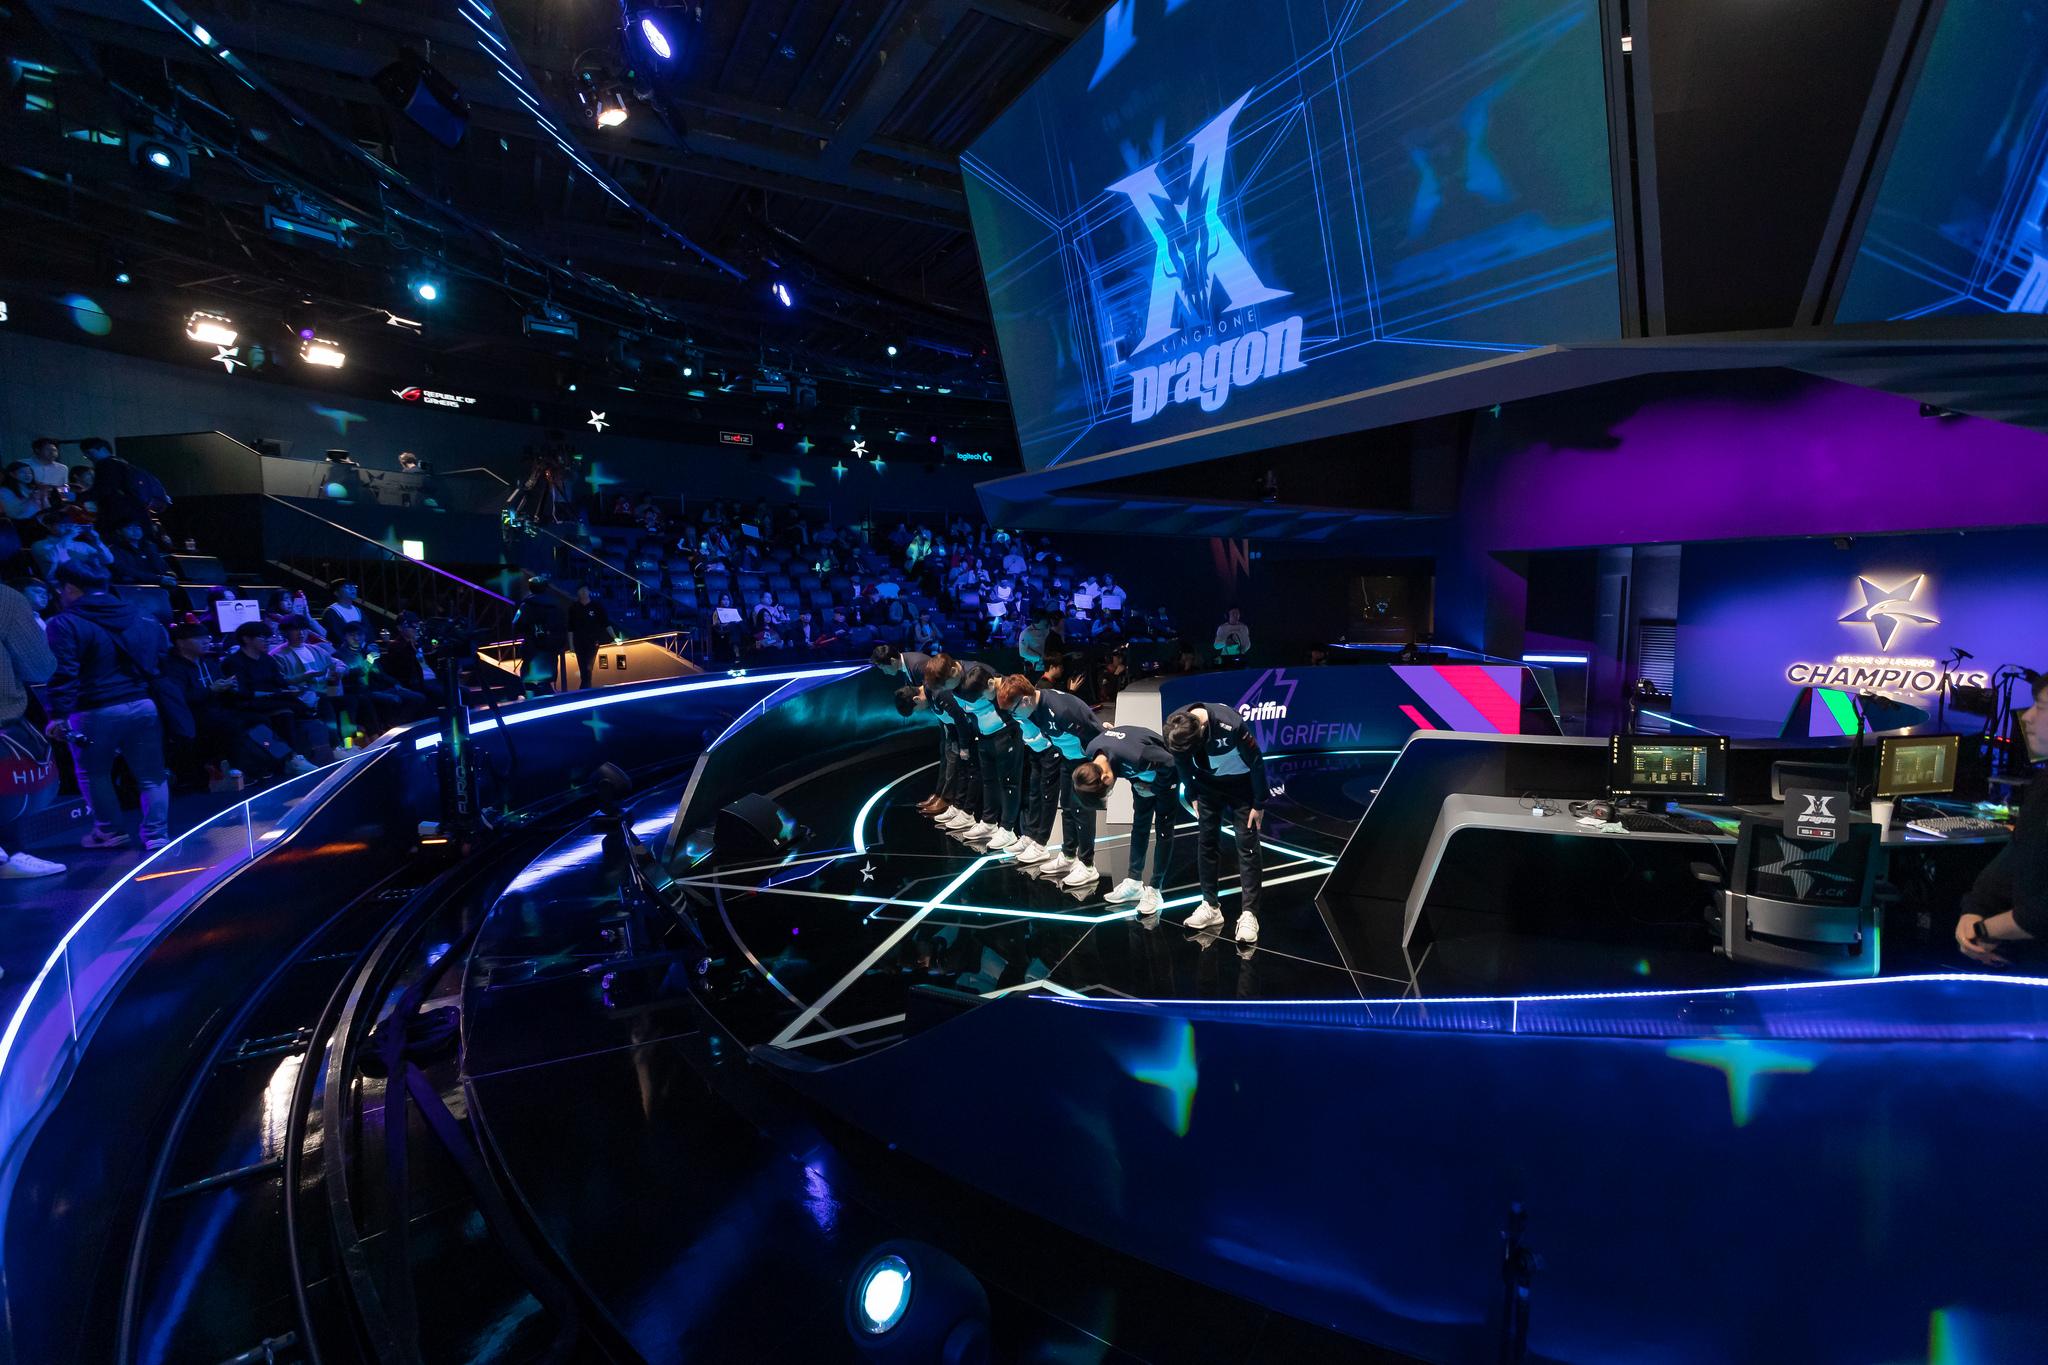 LCK stage DragonX